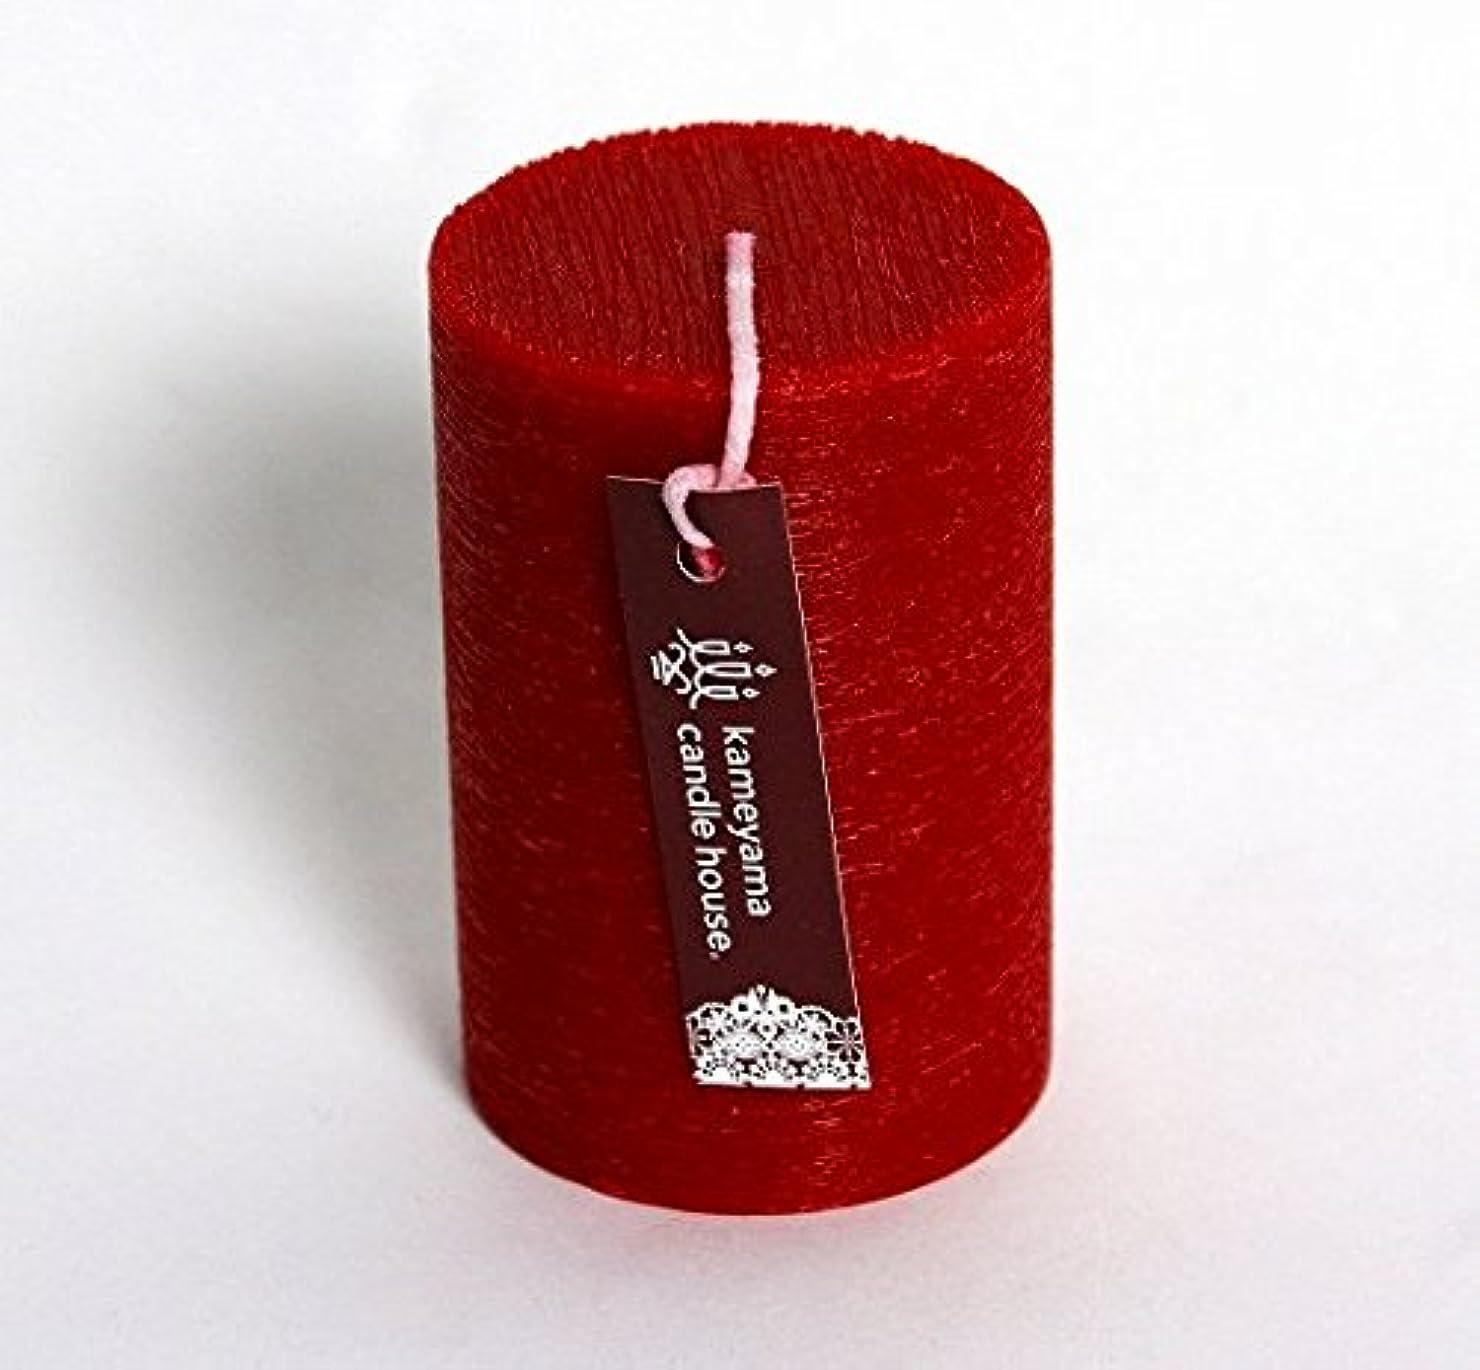 kameyama candle(カメヤマキャンドル) ブラッシュピラー2×3 「 レッド 」(A8310000R)